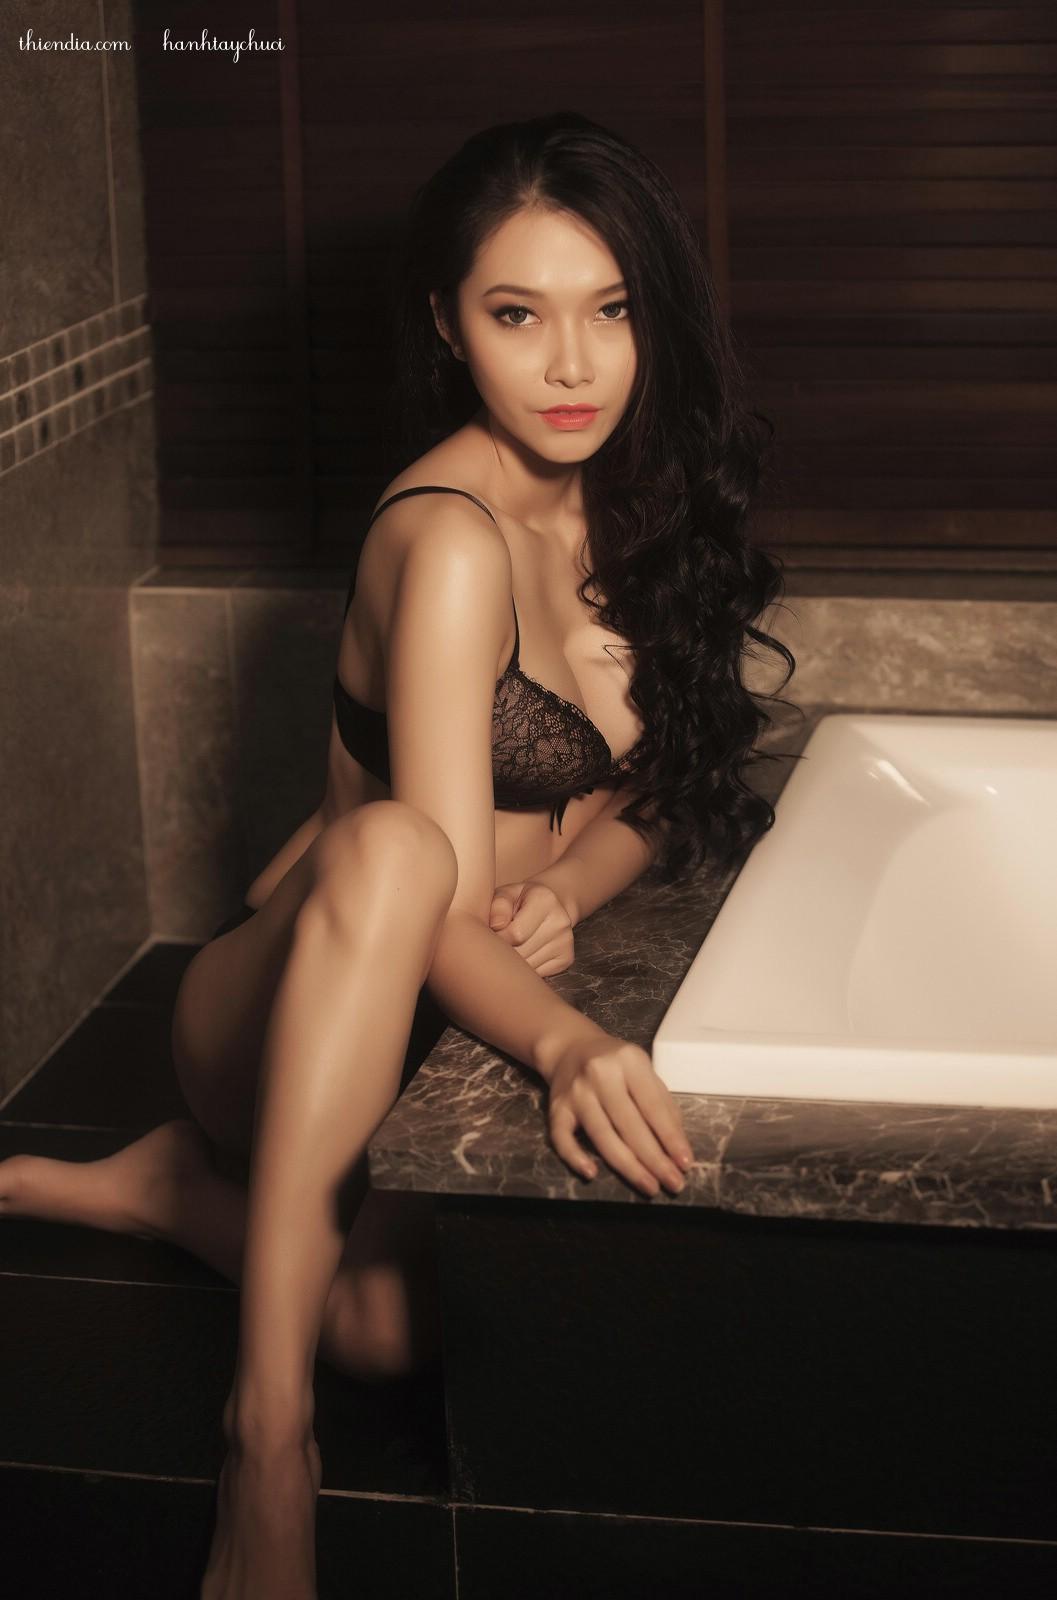 Amy Dương Sự trở lại ngọt ngào 6